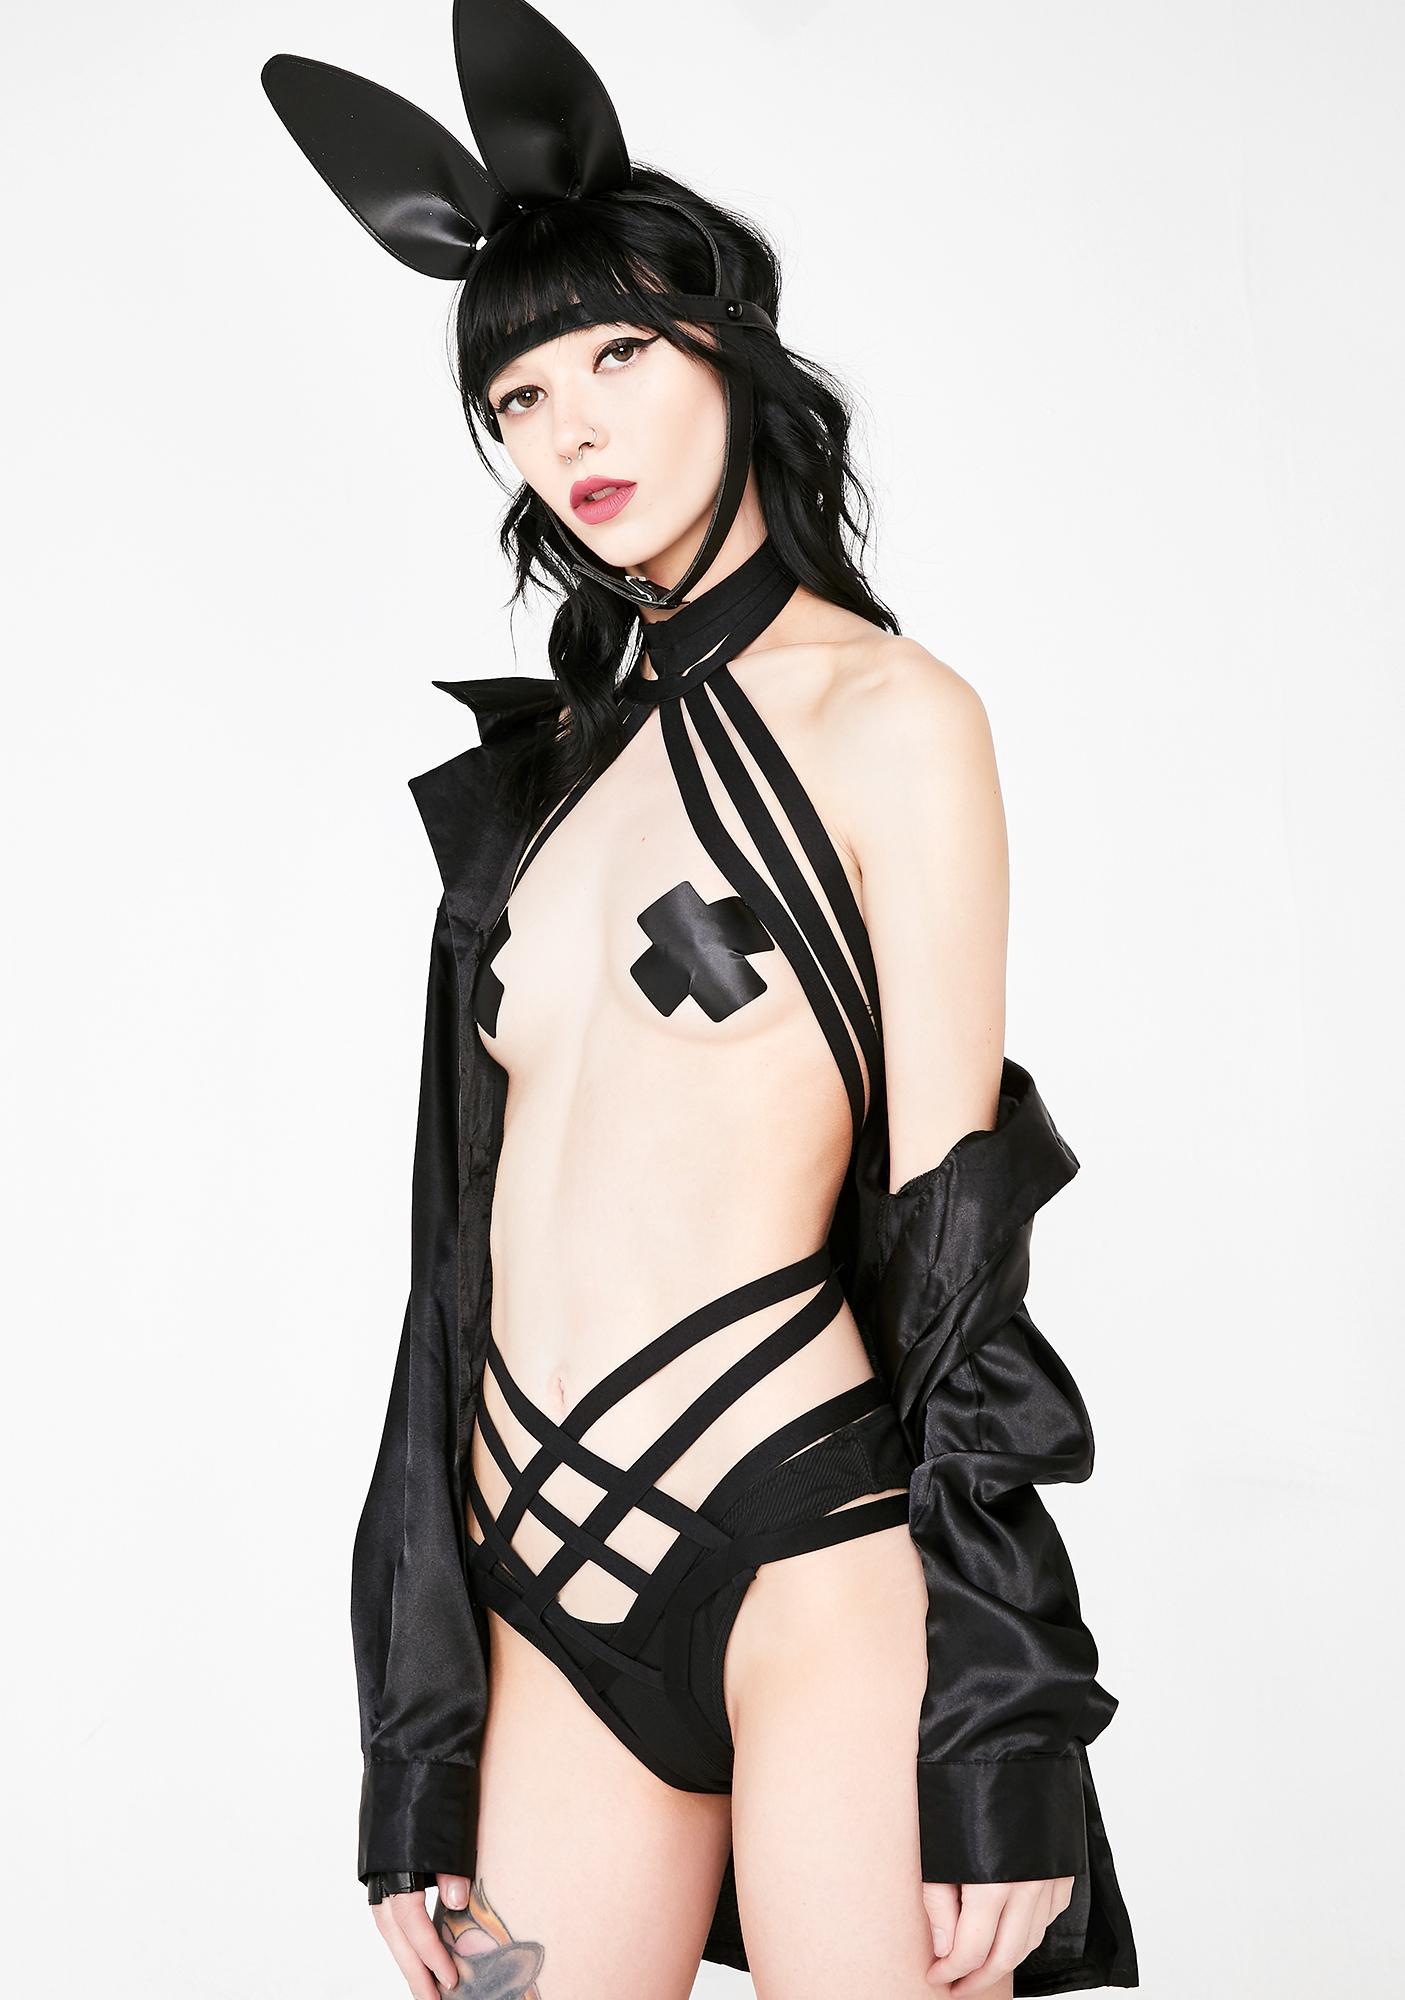 Kiki Riki Wanna Be Down Harness Bodysuit